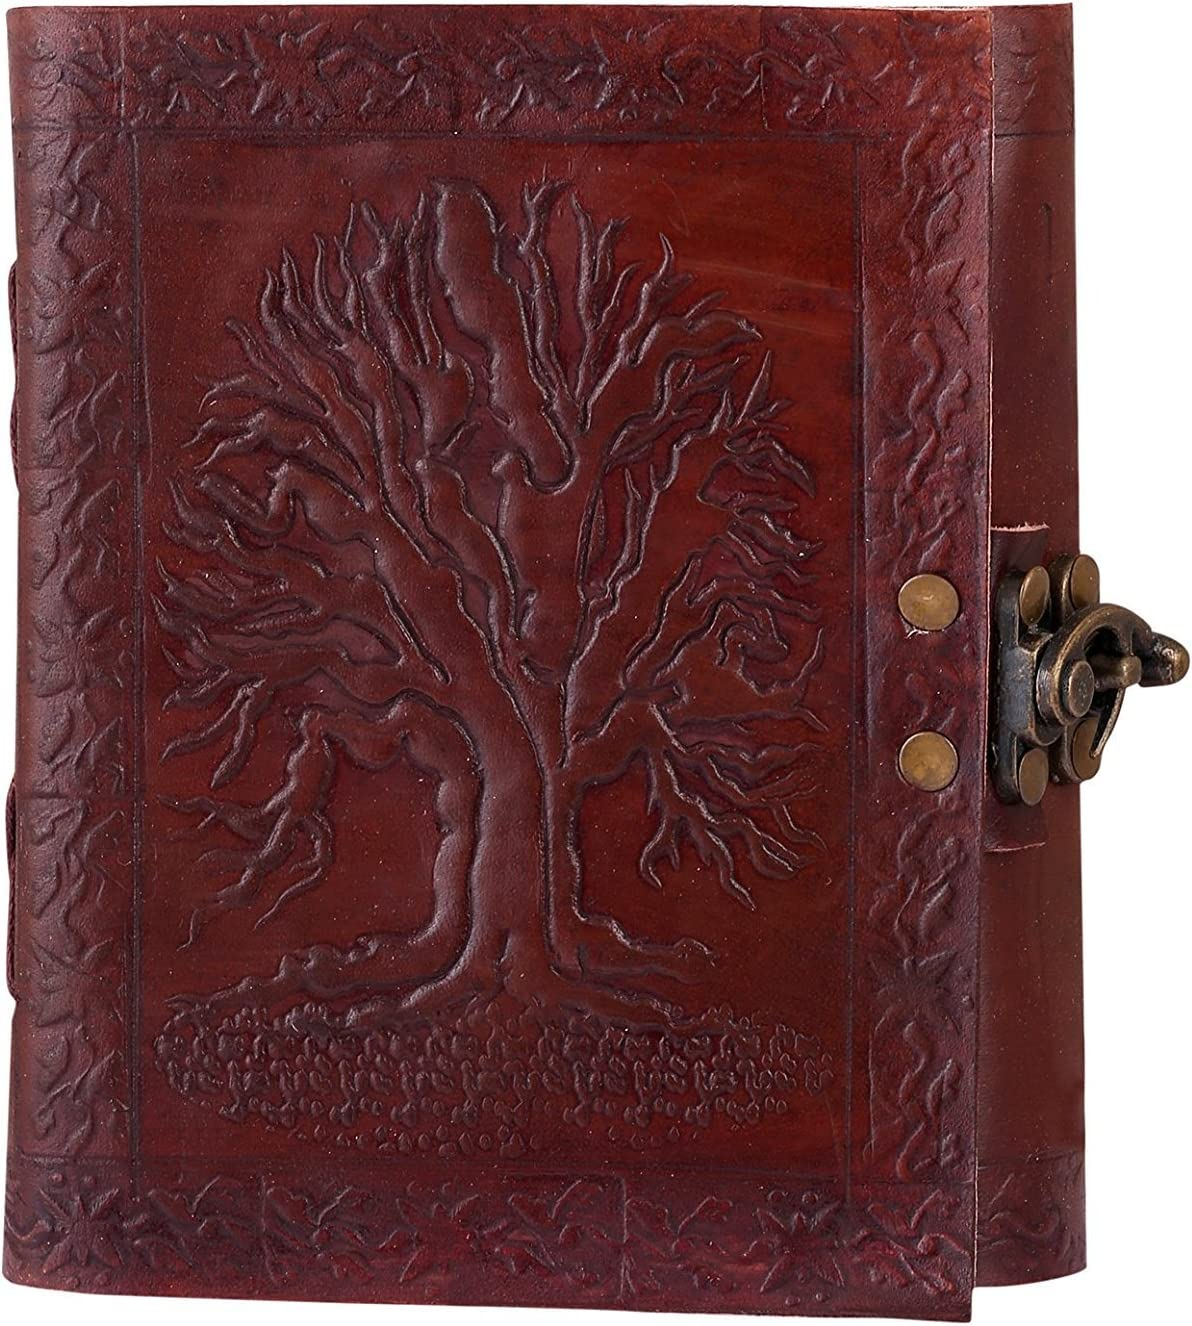 Skorzany Werke Tree of Life - Cuaderno de notas hecho a mano de piel marrón, con correa, recargable, regalo